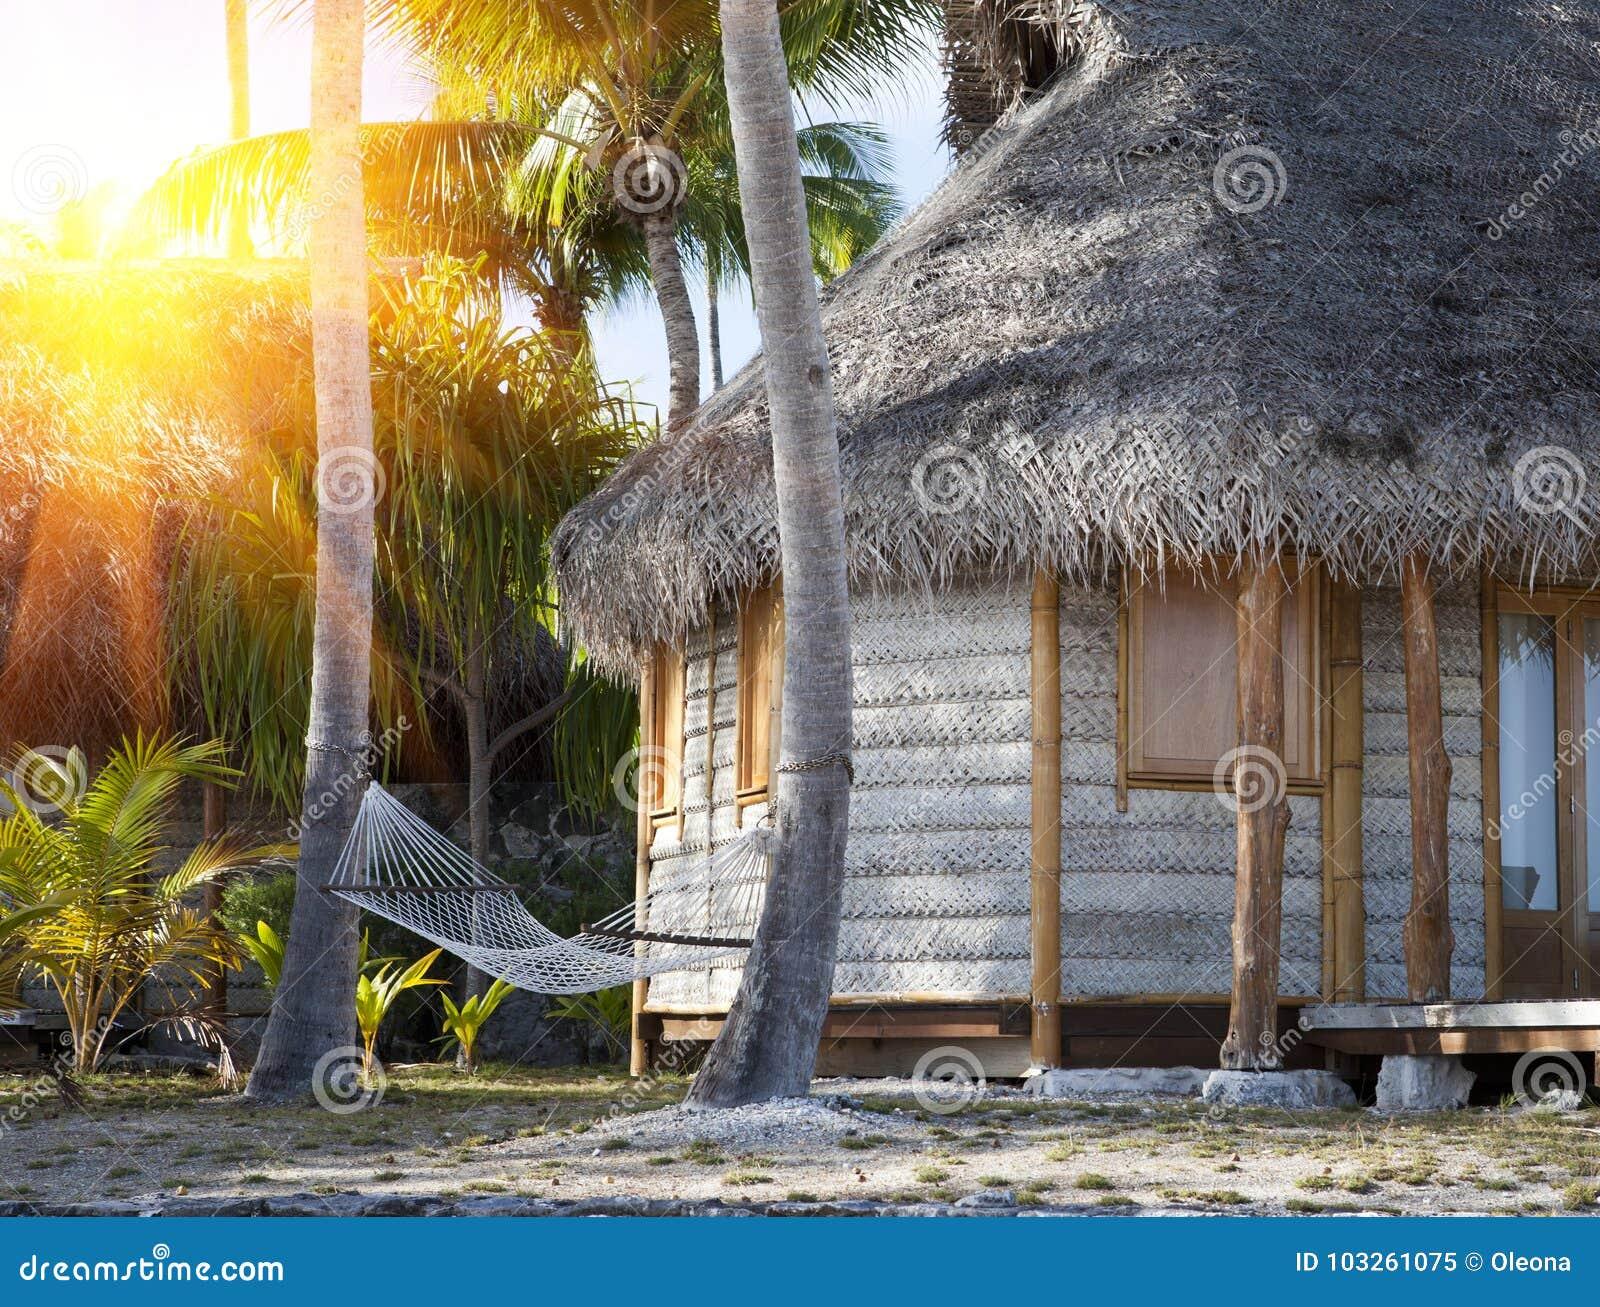 hamac entre les palmiers dans un jardin tropical et la maison wattled image stock image du. Black Bedroom Furniture Sets. Home Design Ideas